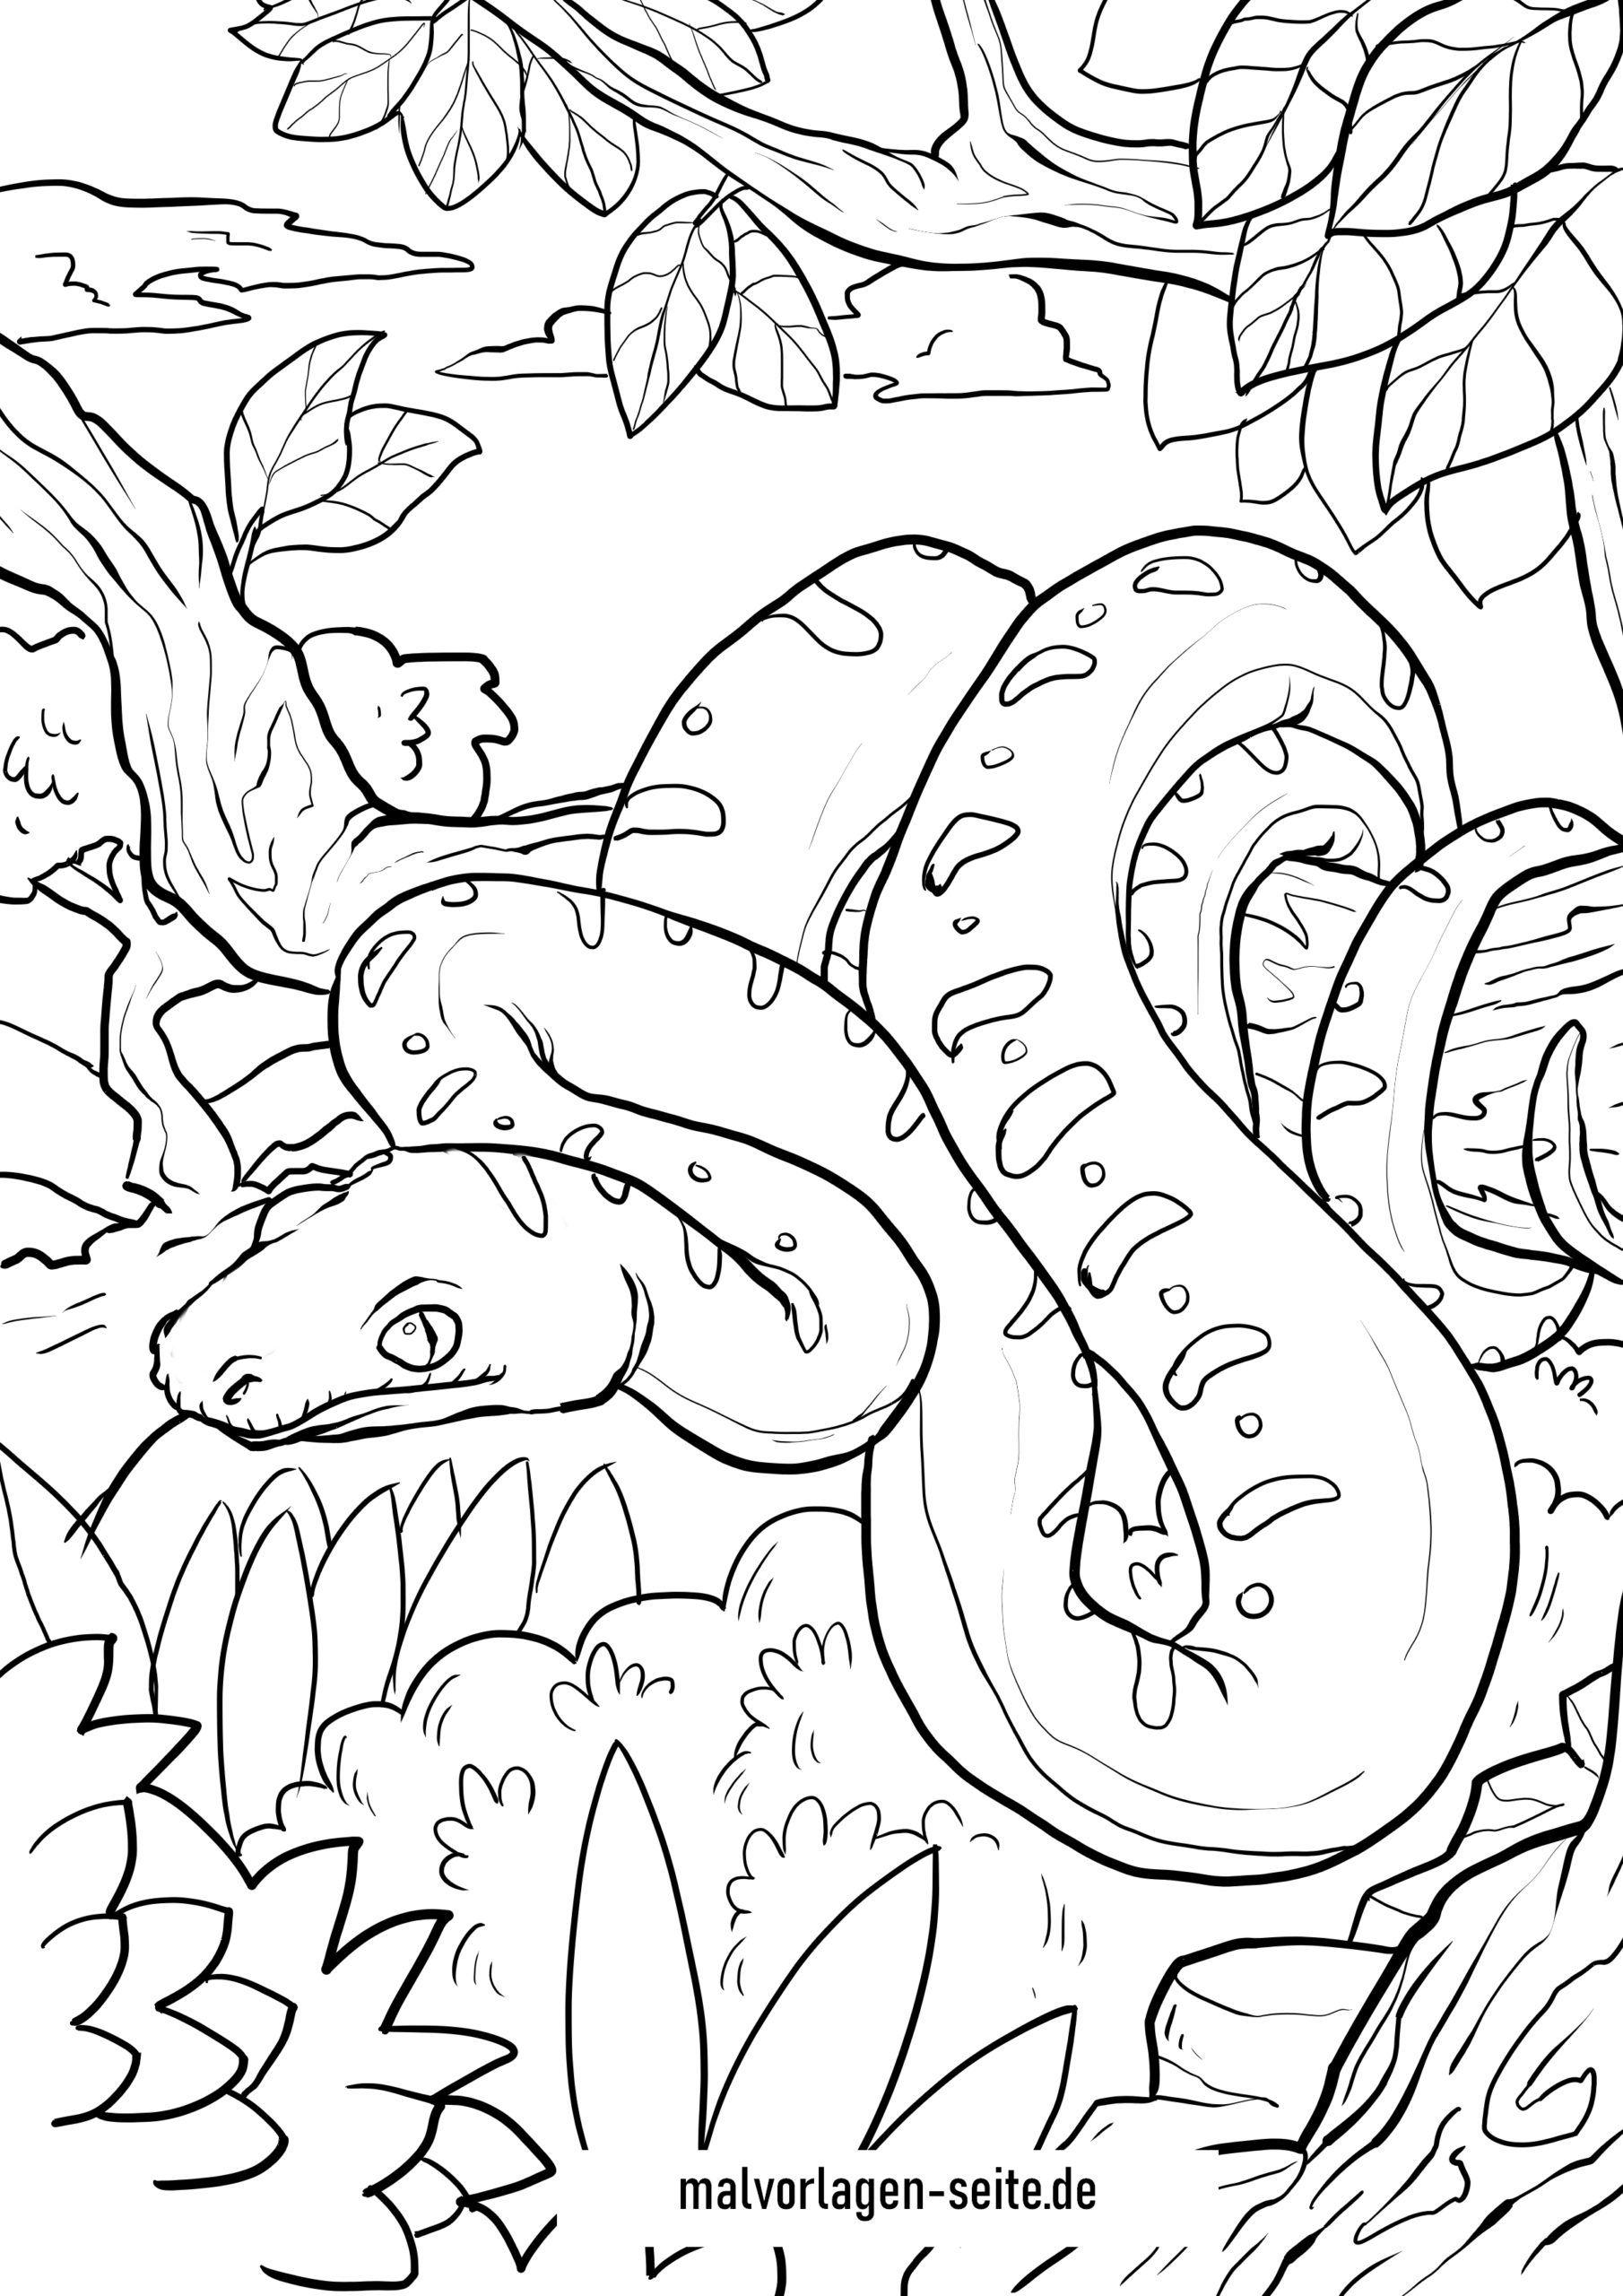 Malvorlage Schlange - Würgeschlange - Kostenlose Ausmalbilder